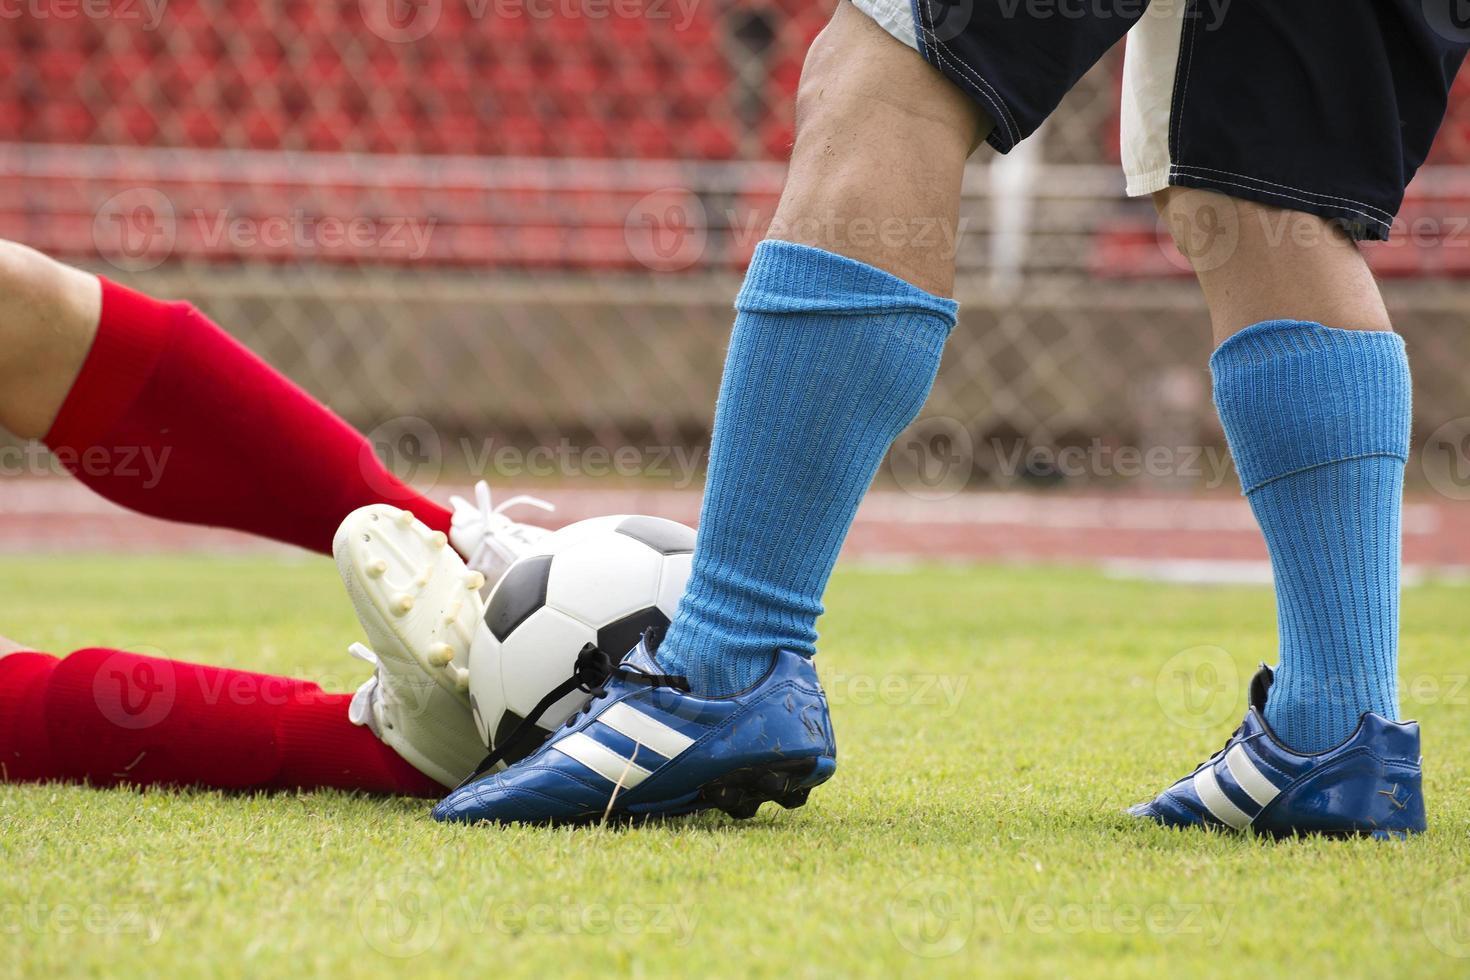 jugador de fútbol atacado foto